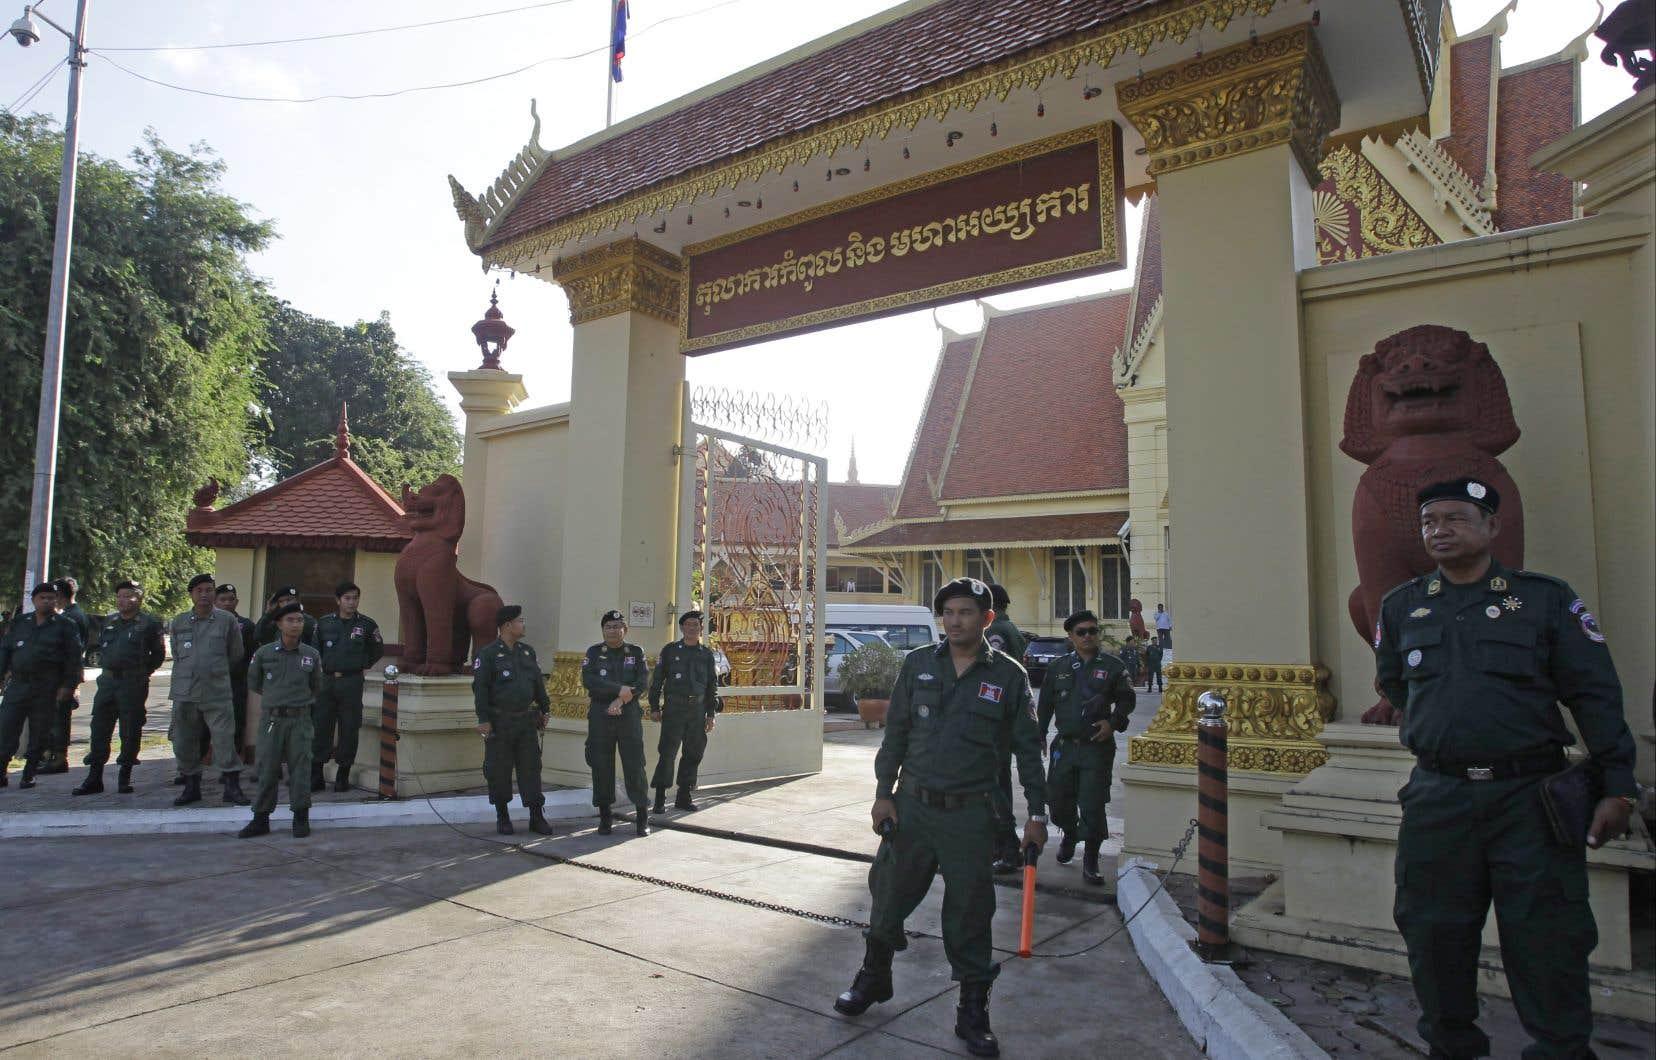 La tension est, depuis des mois, très forte dans ce pays d'Asie du Sud-Est.